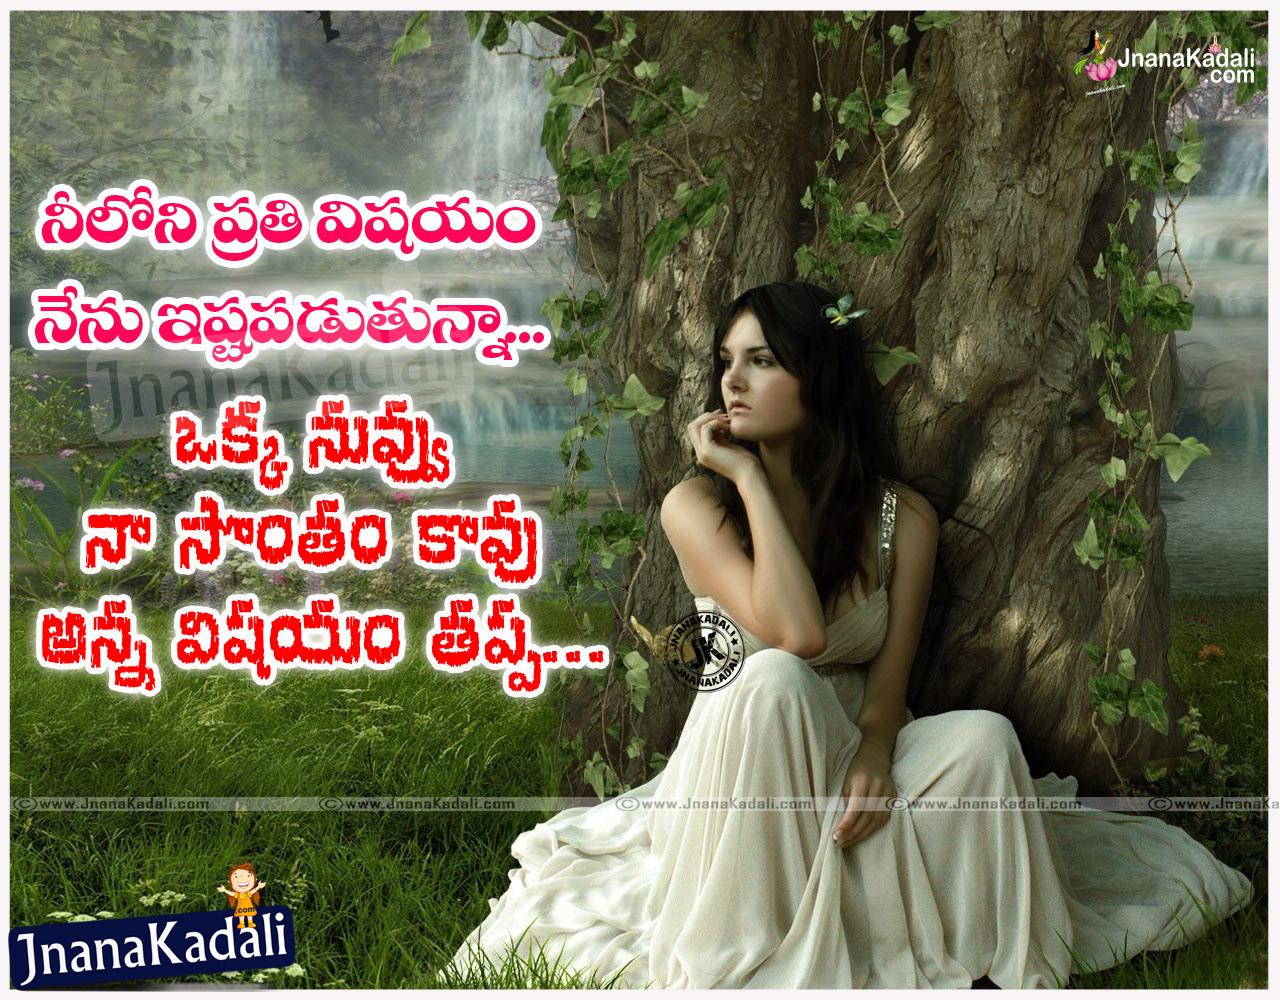 Telugu Love Failure Quotes Hd Images